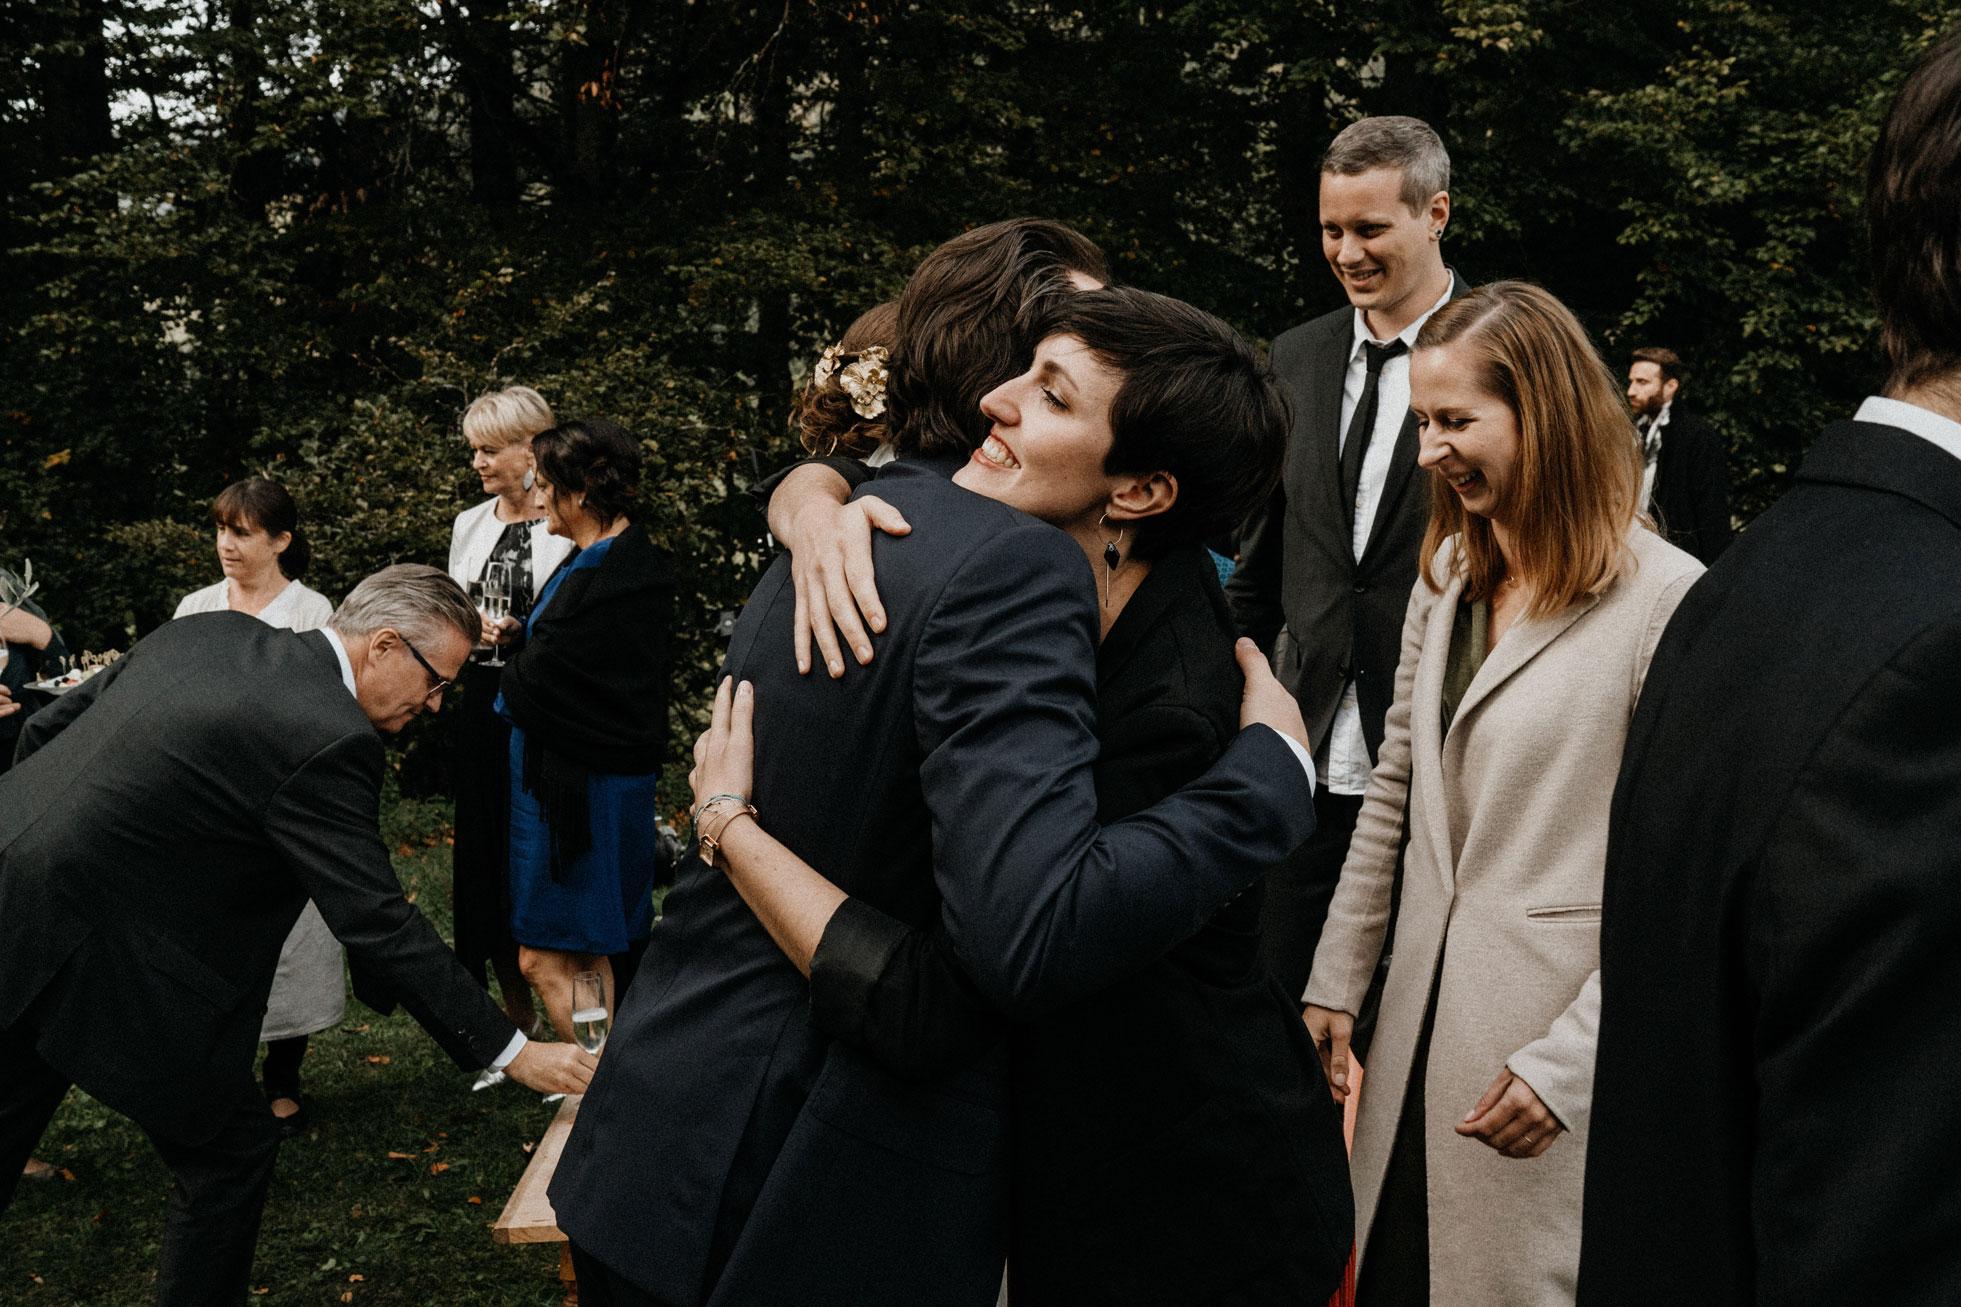 Hochzeit_Claire_Manuel_Villa_Maund_Daniel_Jenny-273.jpg